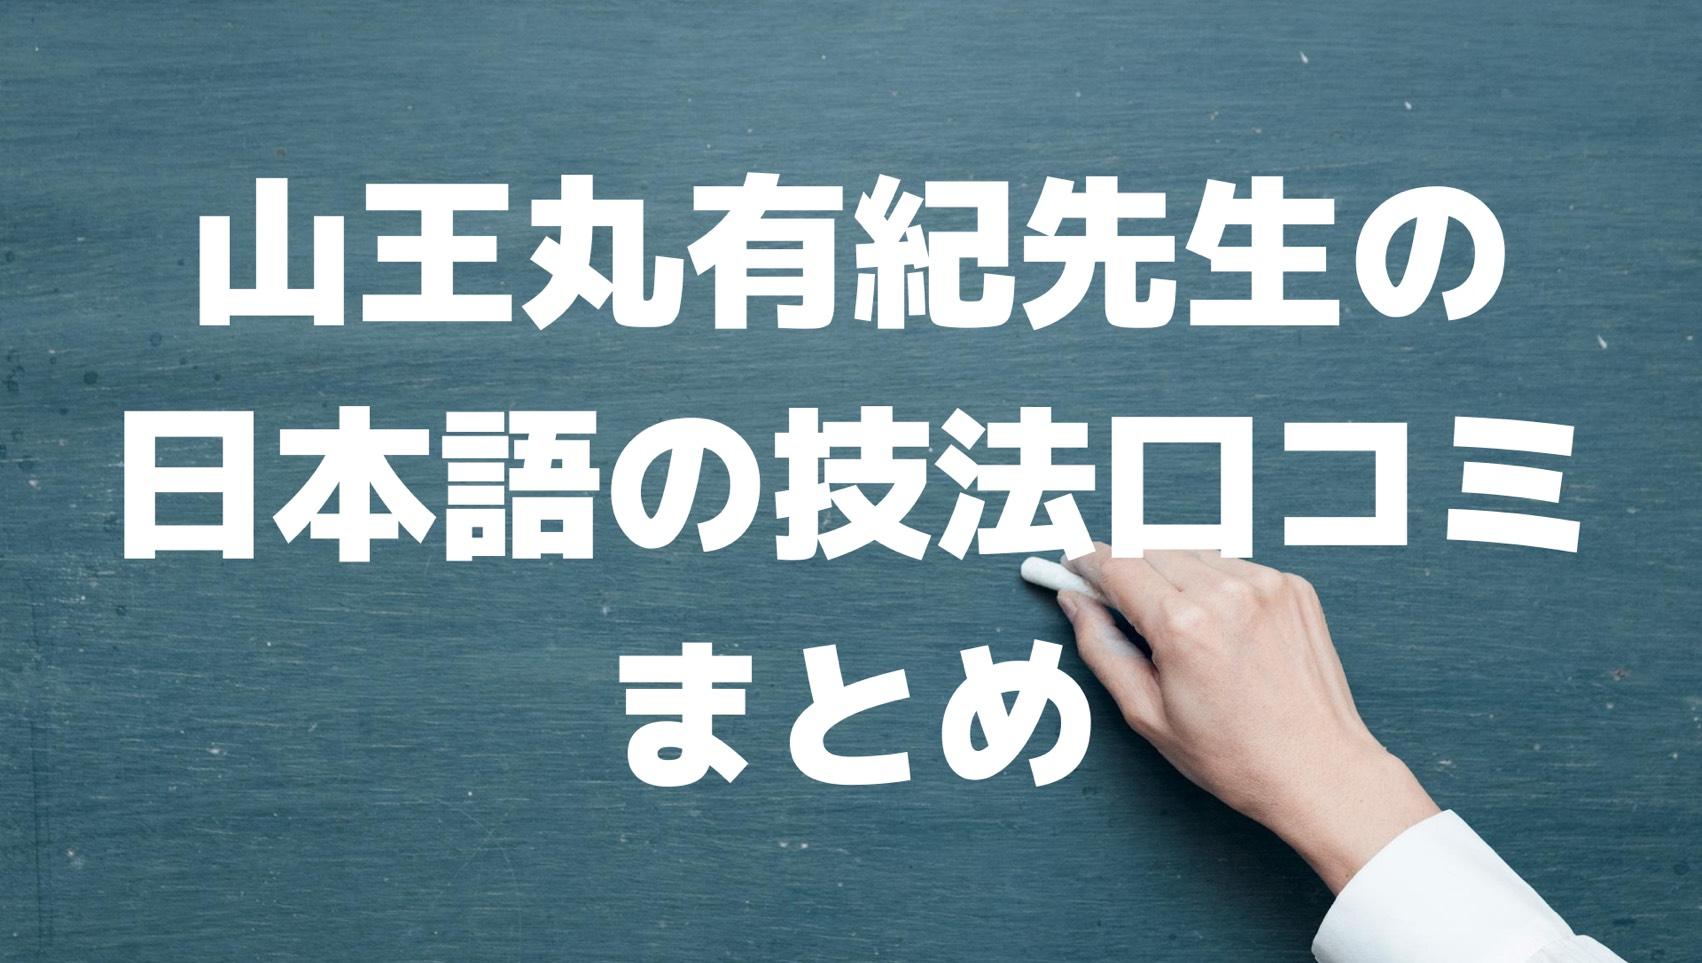 山王丸有紀先生の日本語の技法